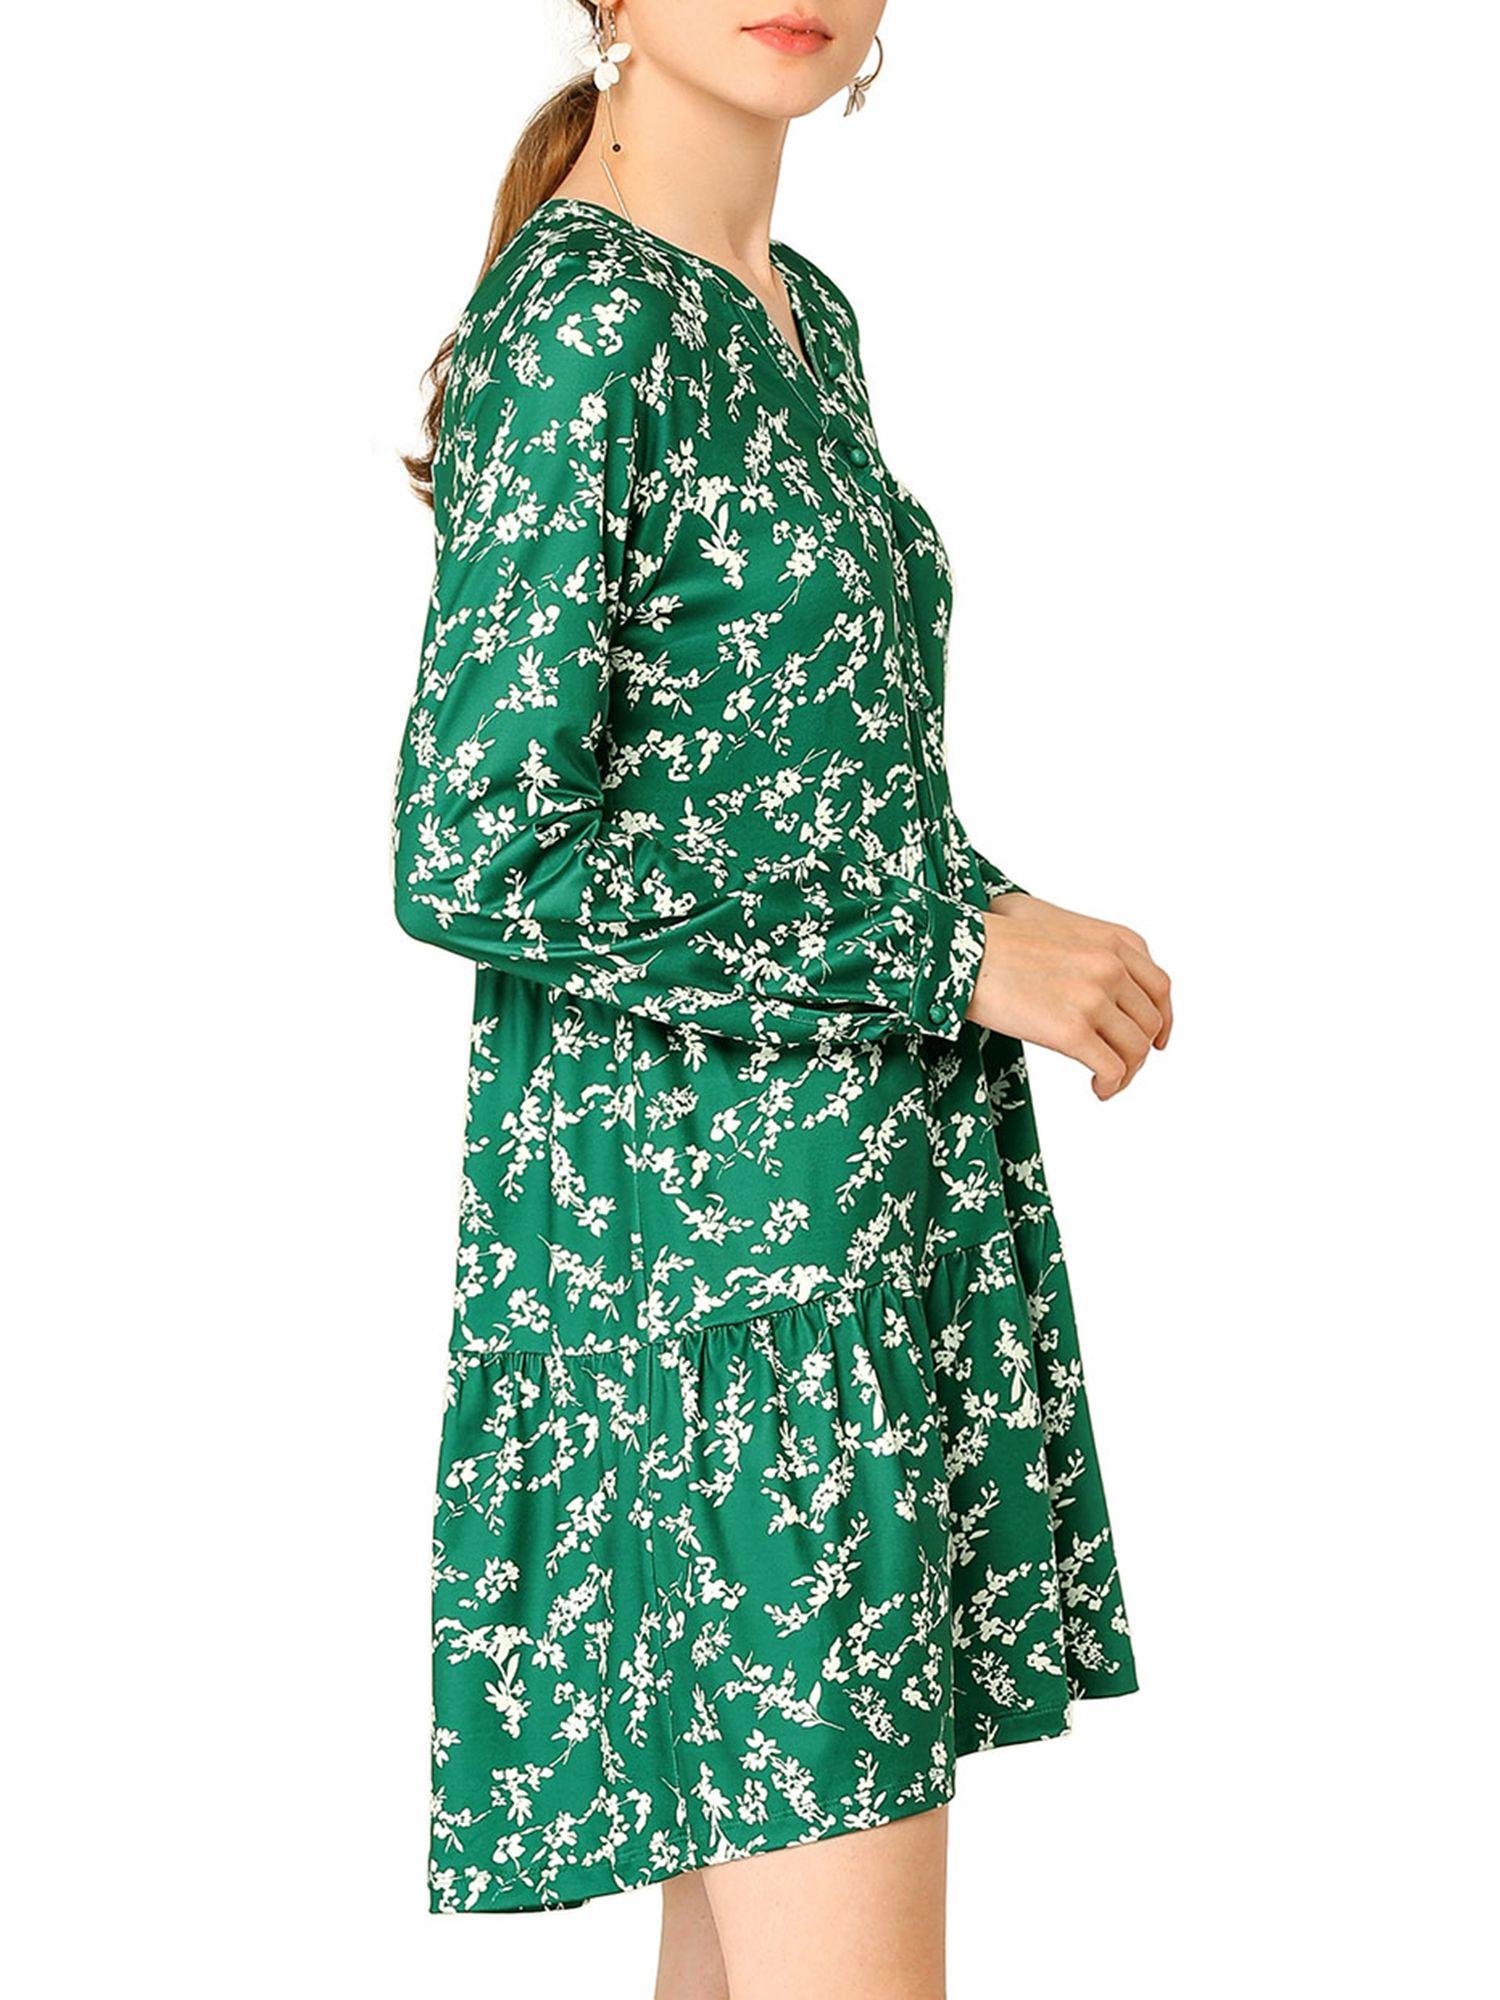 Unique Bargains Unique Bargains Women S Floral V Neck Cinched Waist Long Sleeve Dress Walmart Com Long Sleeve Dress Dresses Long Sleeve [ 2000 x 1500 Pixel ]